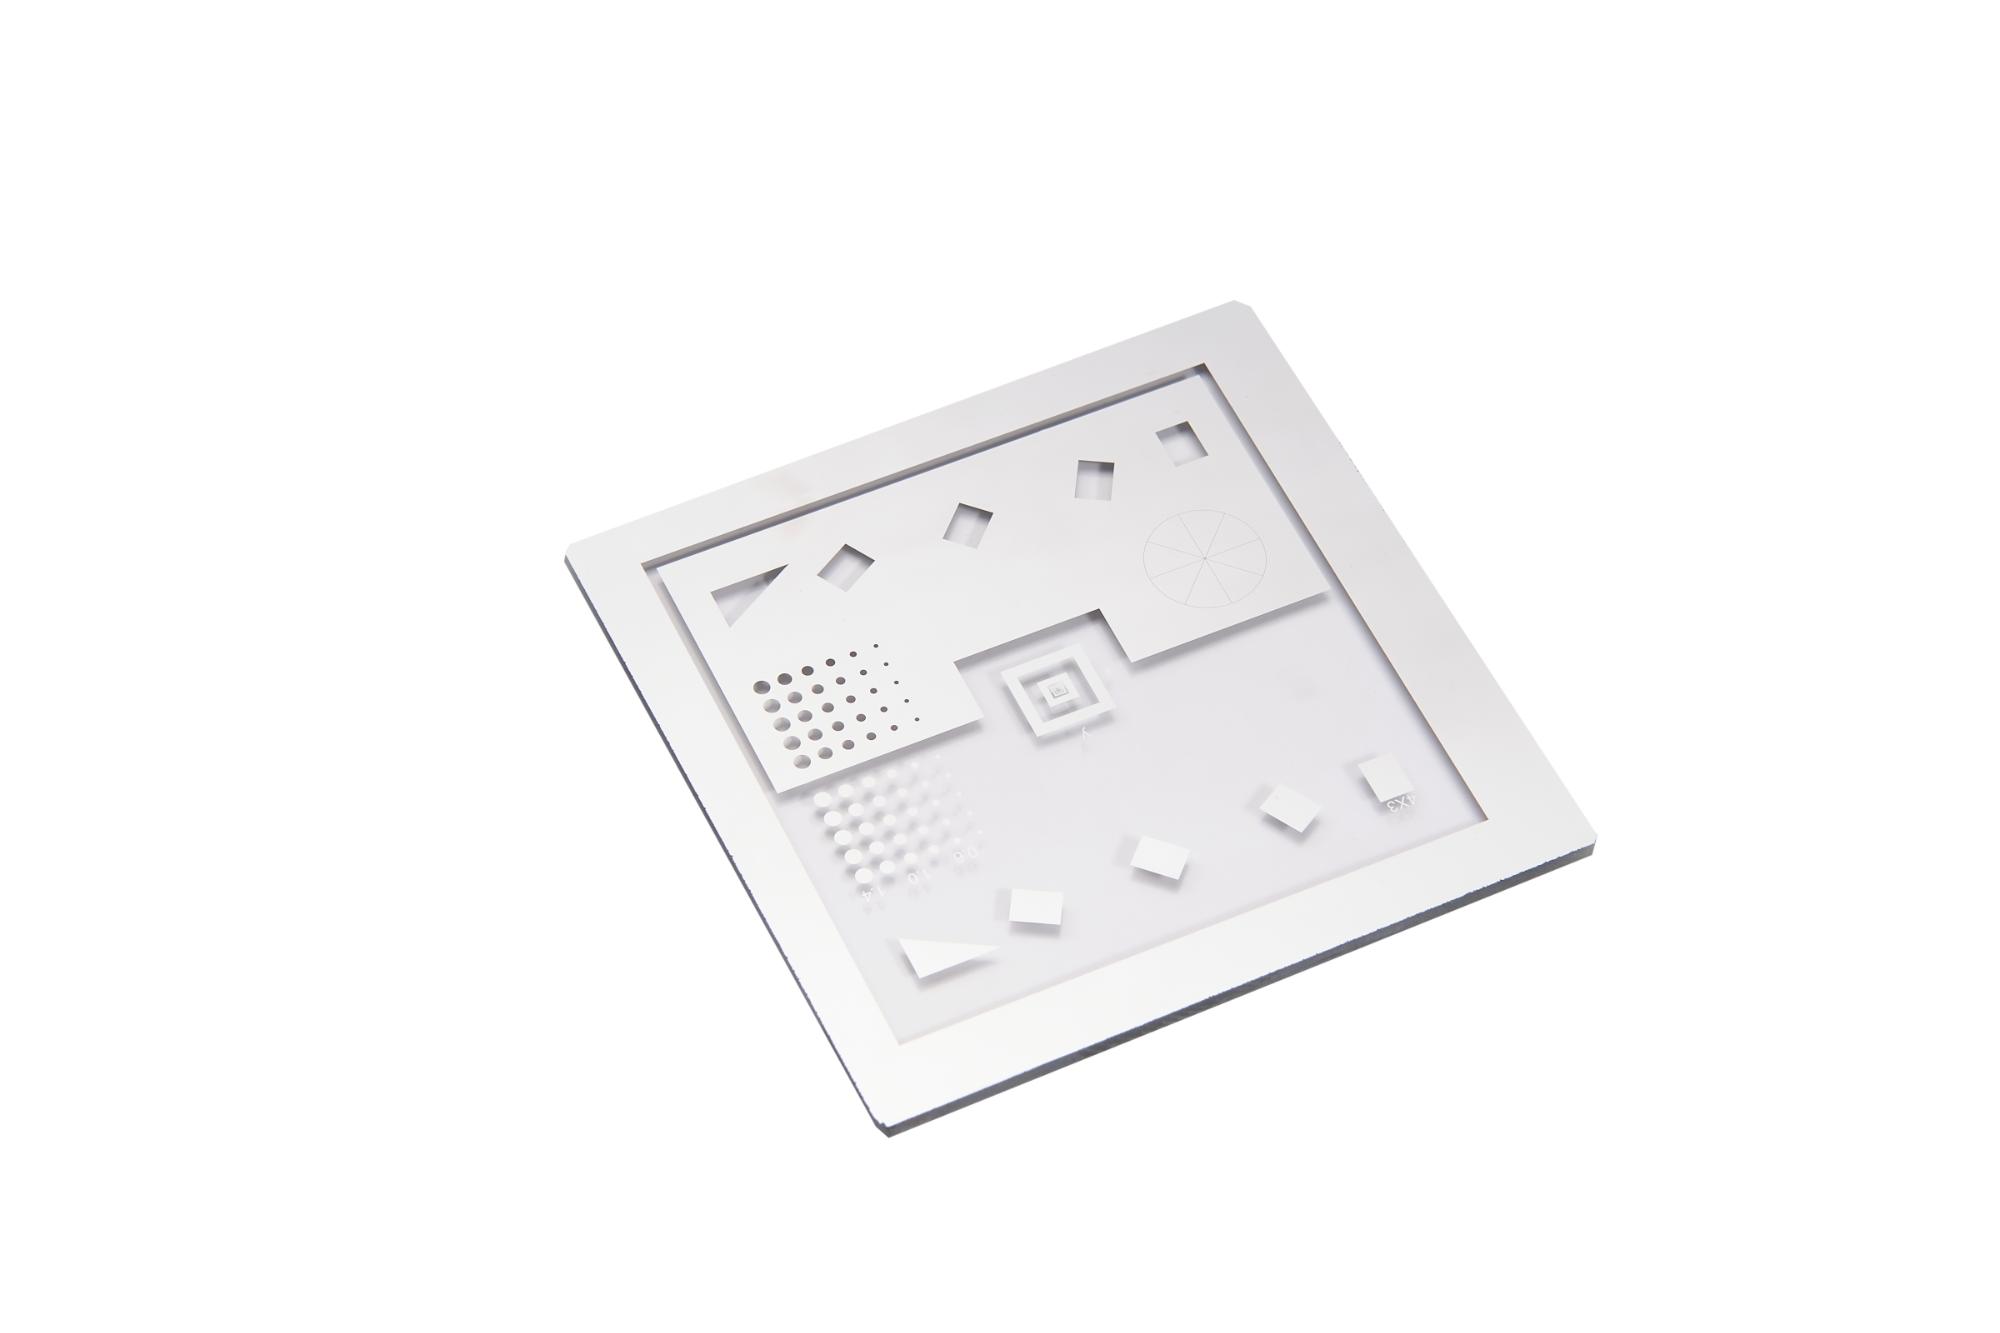 固定式龙门全自动影像测量仪-5050H制造厂家 推荐咨询 东莞市英拓精密仪器供应